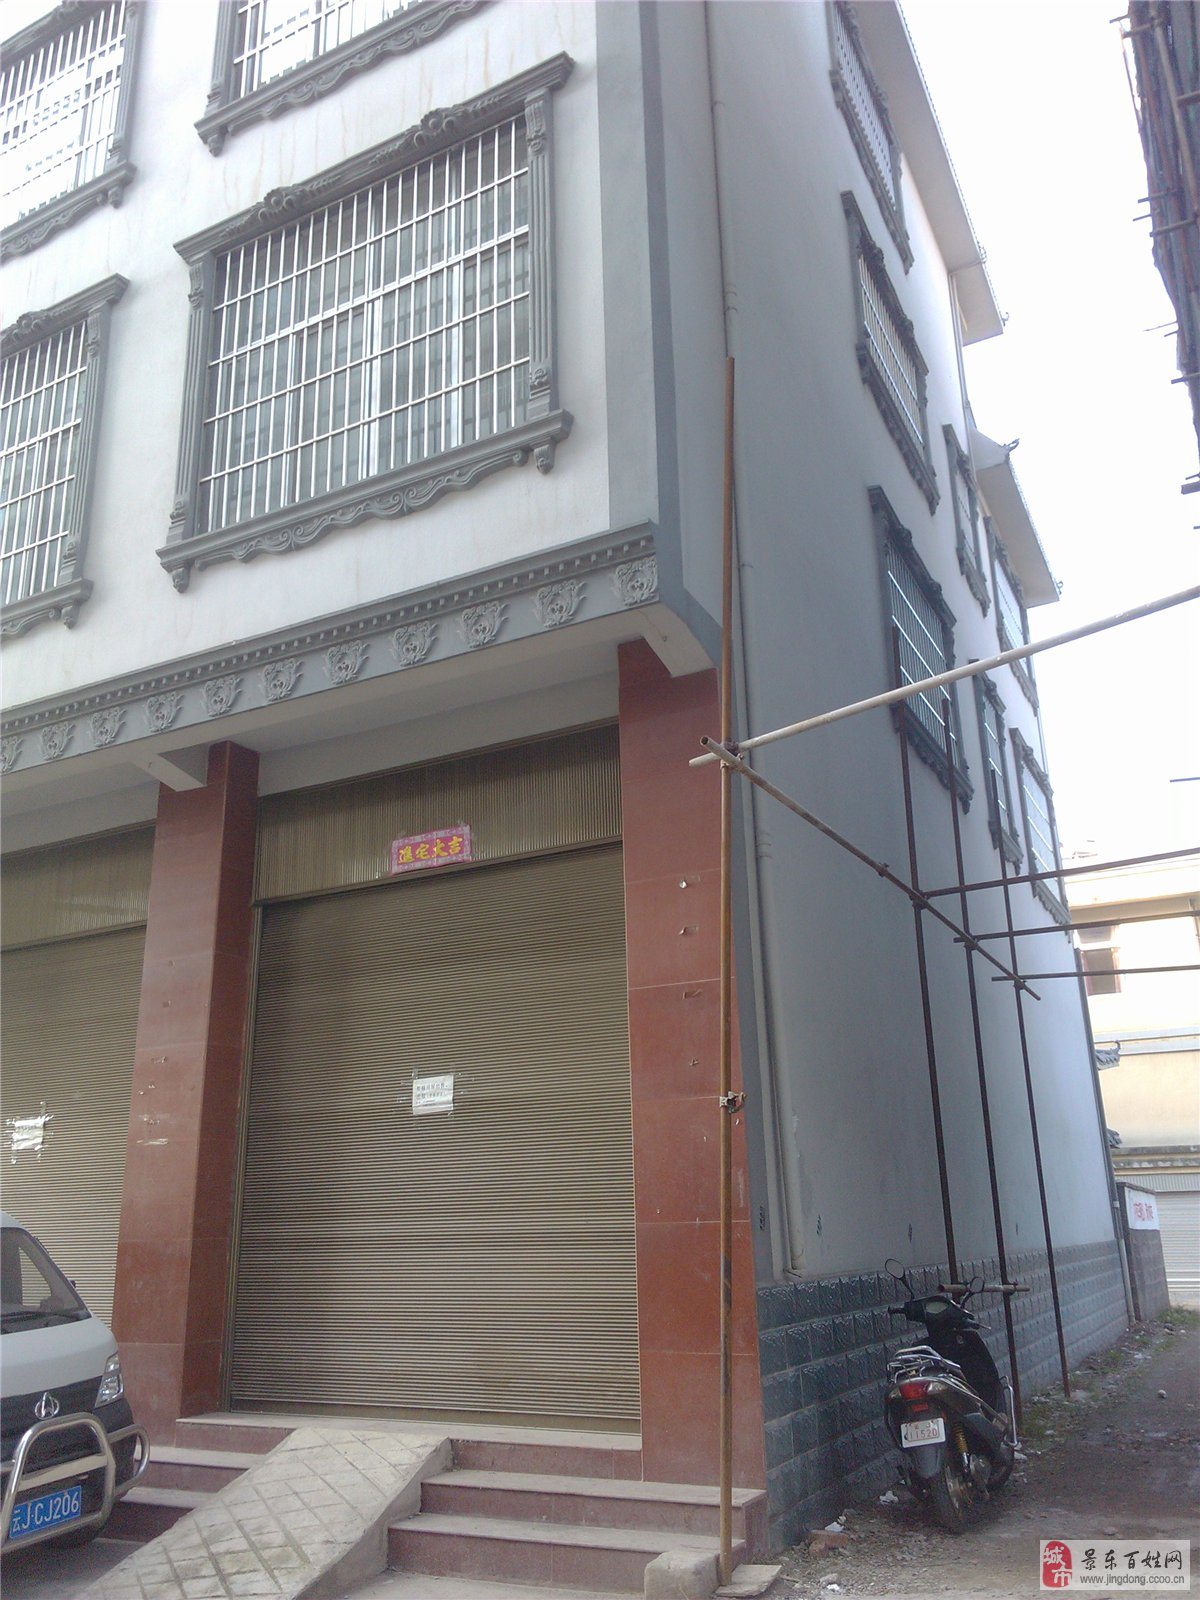 2014门面房设计图临街门面房设计图 农村门面房设计图 图片